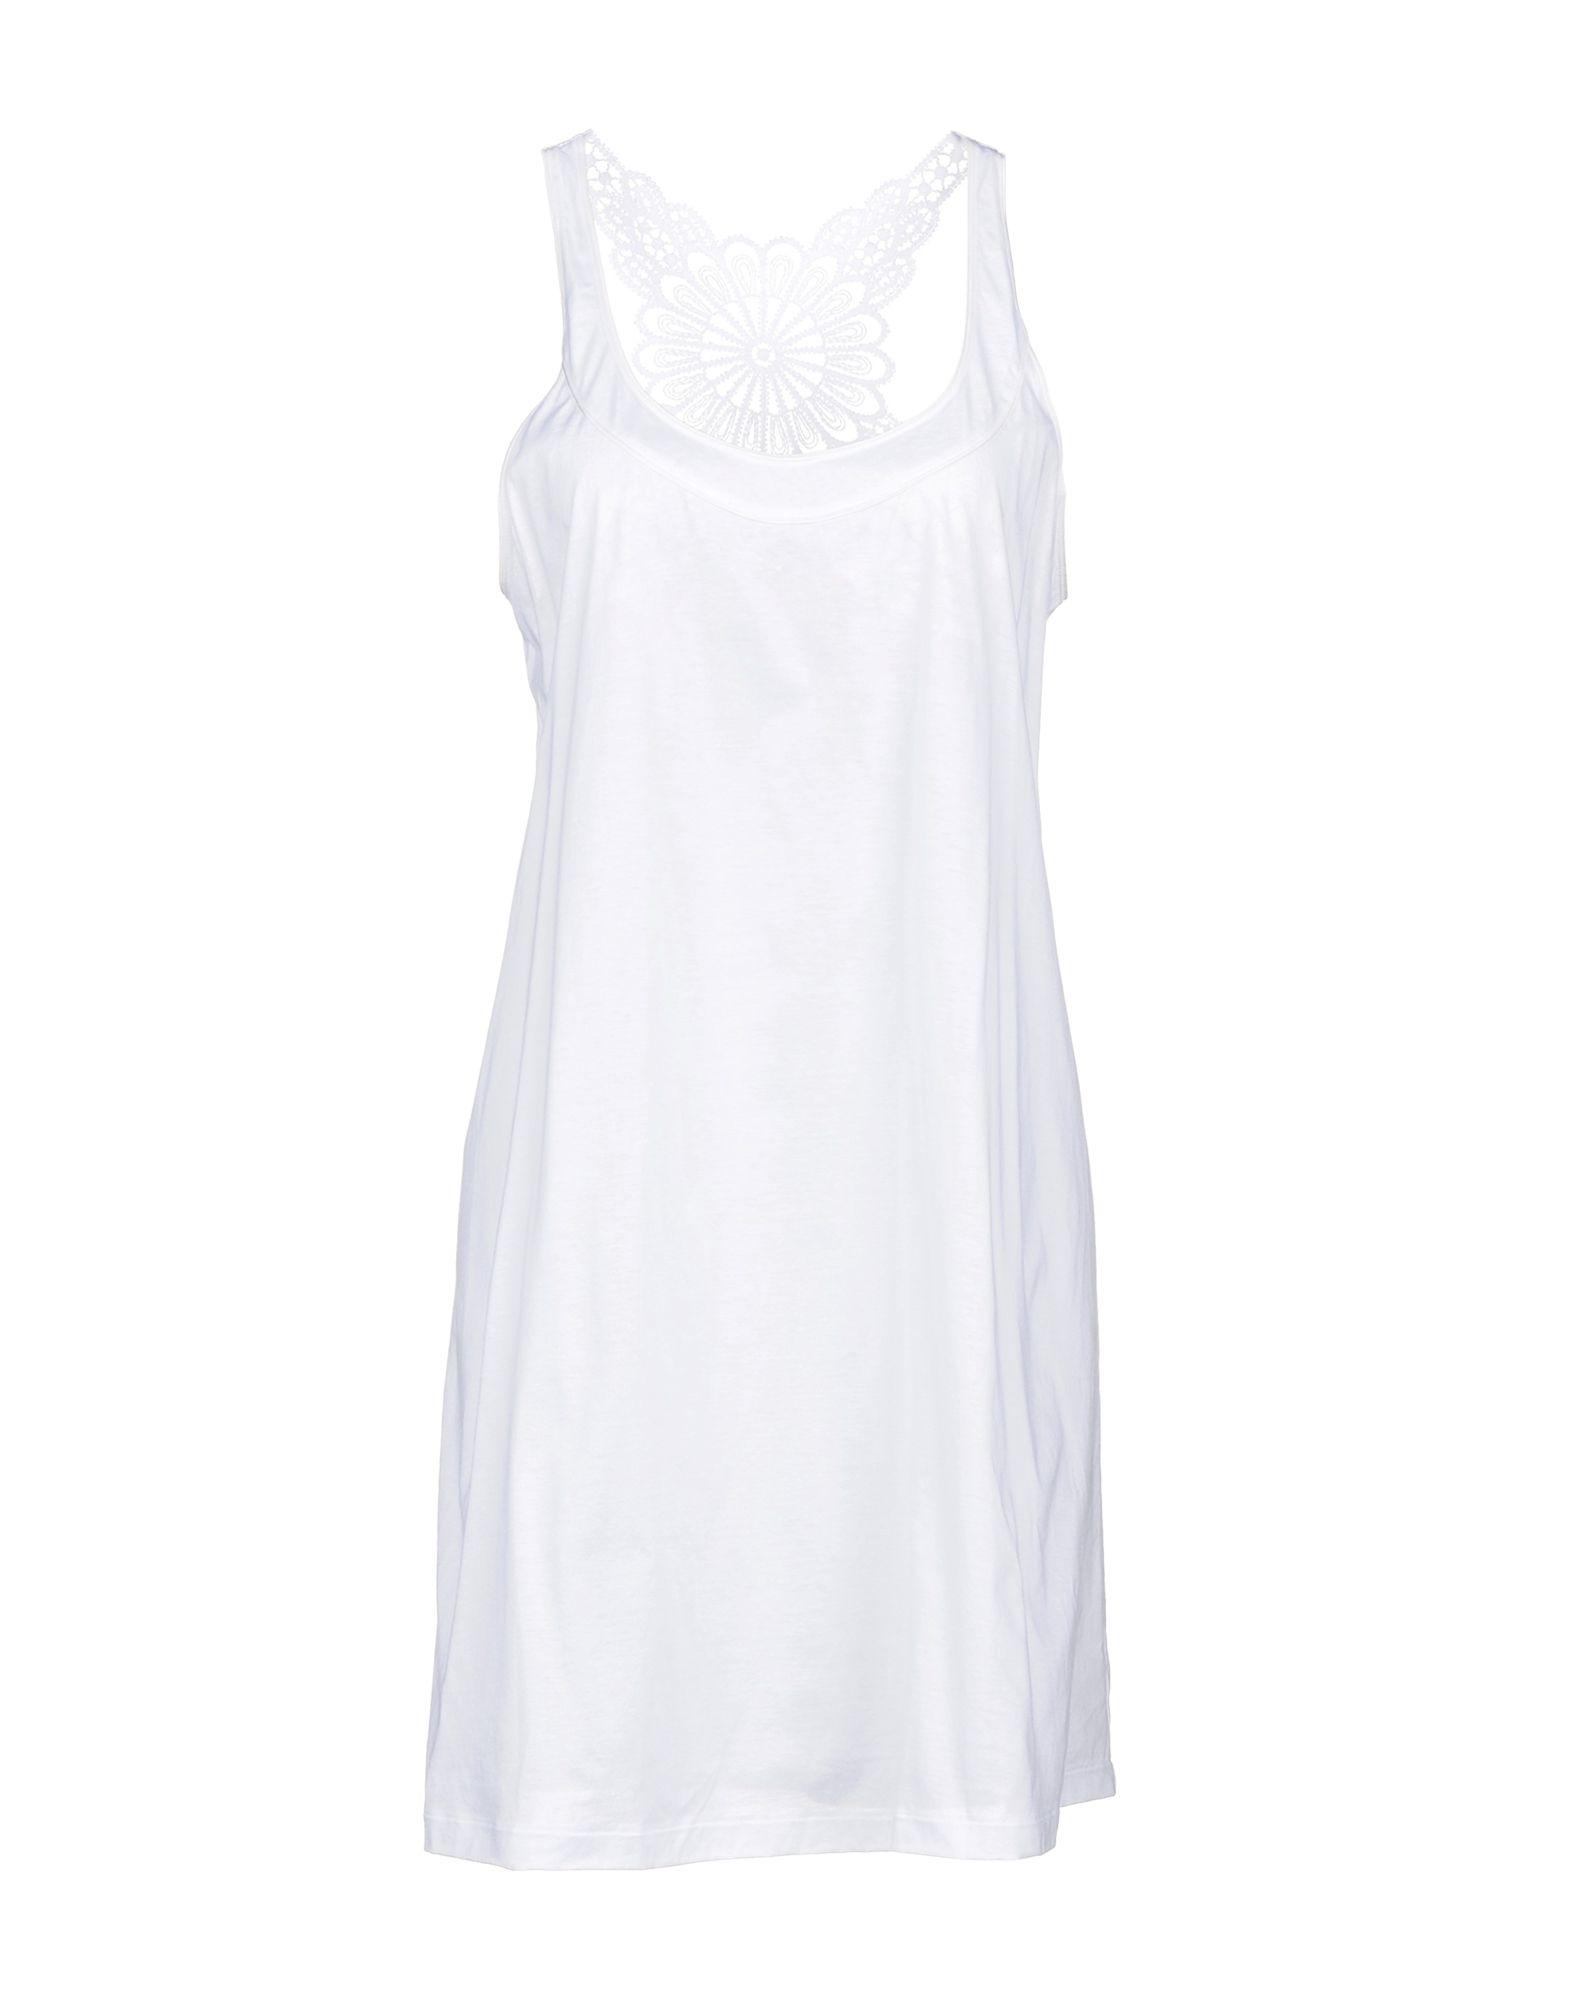 LA PERLA VILLA TOSCANA Ночная рубашка la perla la perla la008lwhli80